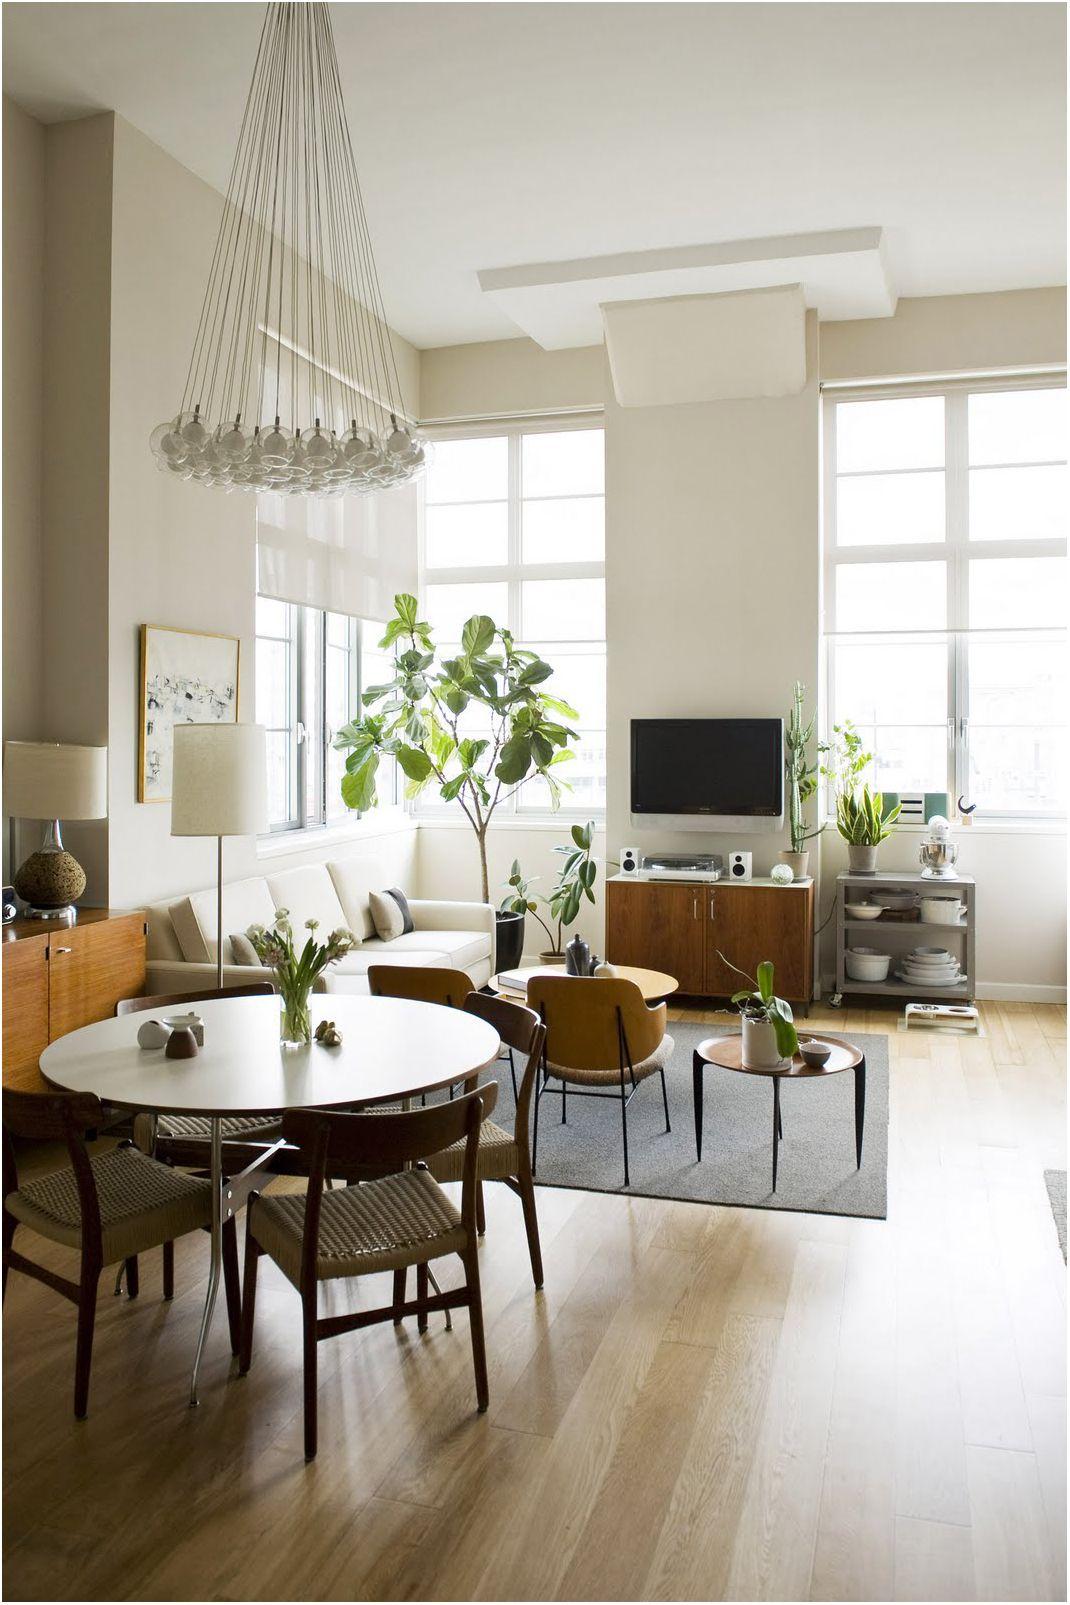 Interessante Wohnzimmer Ideen Mit Dekorativen Pflanze | Mehr auf ...